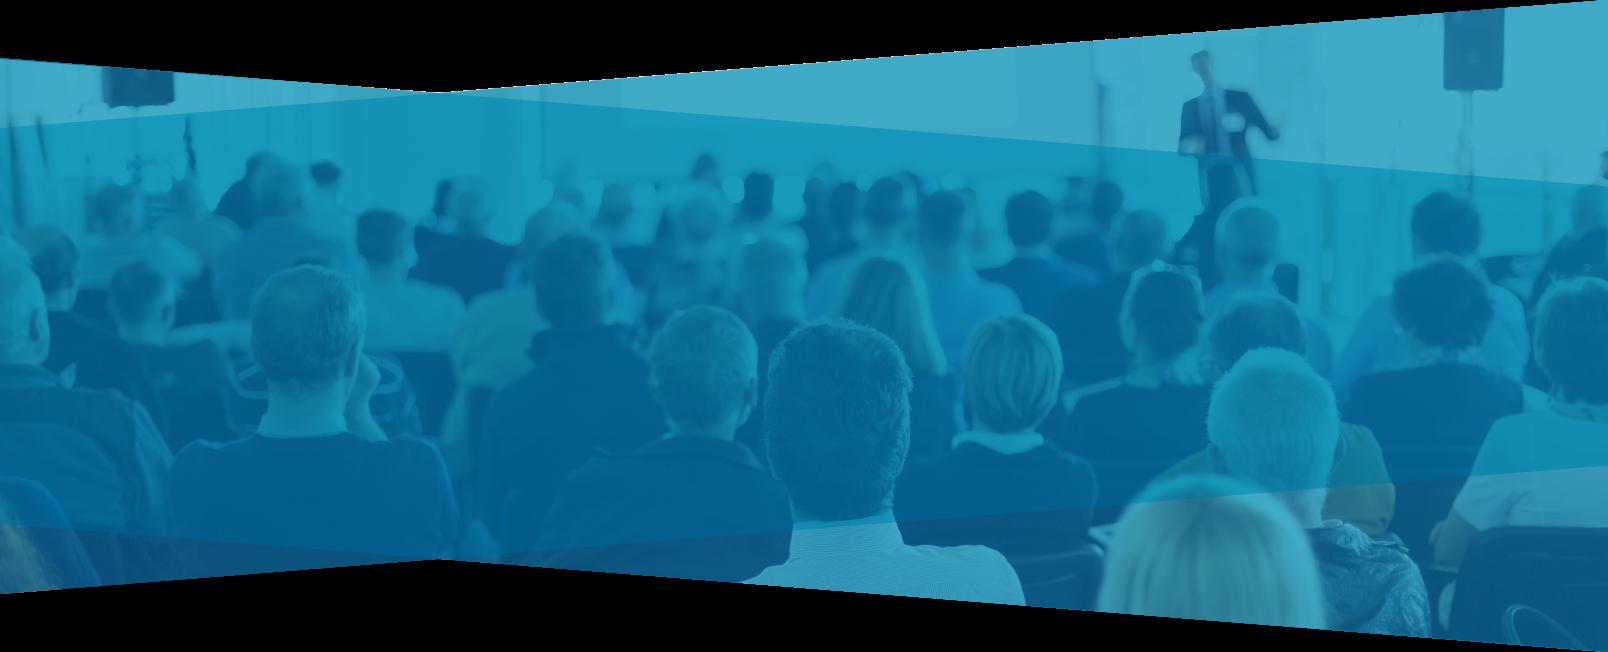 Testimonial Tim Krause Principle, Startbystarting Consulting Group